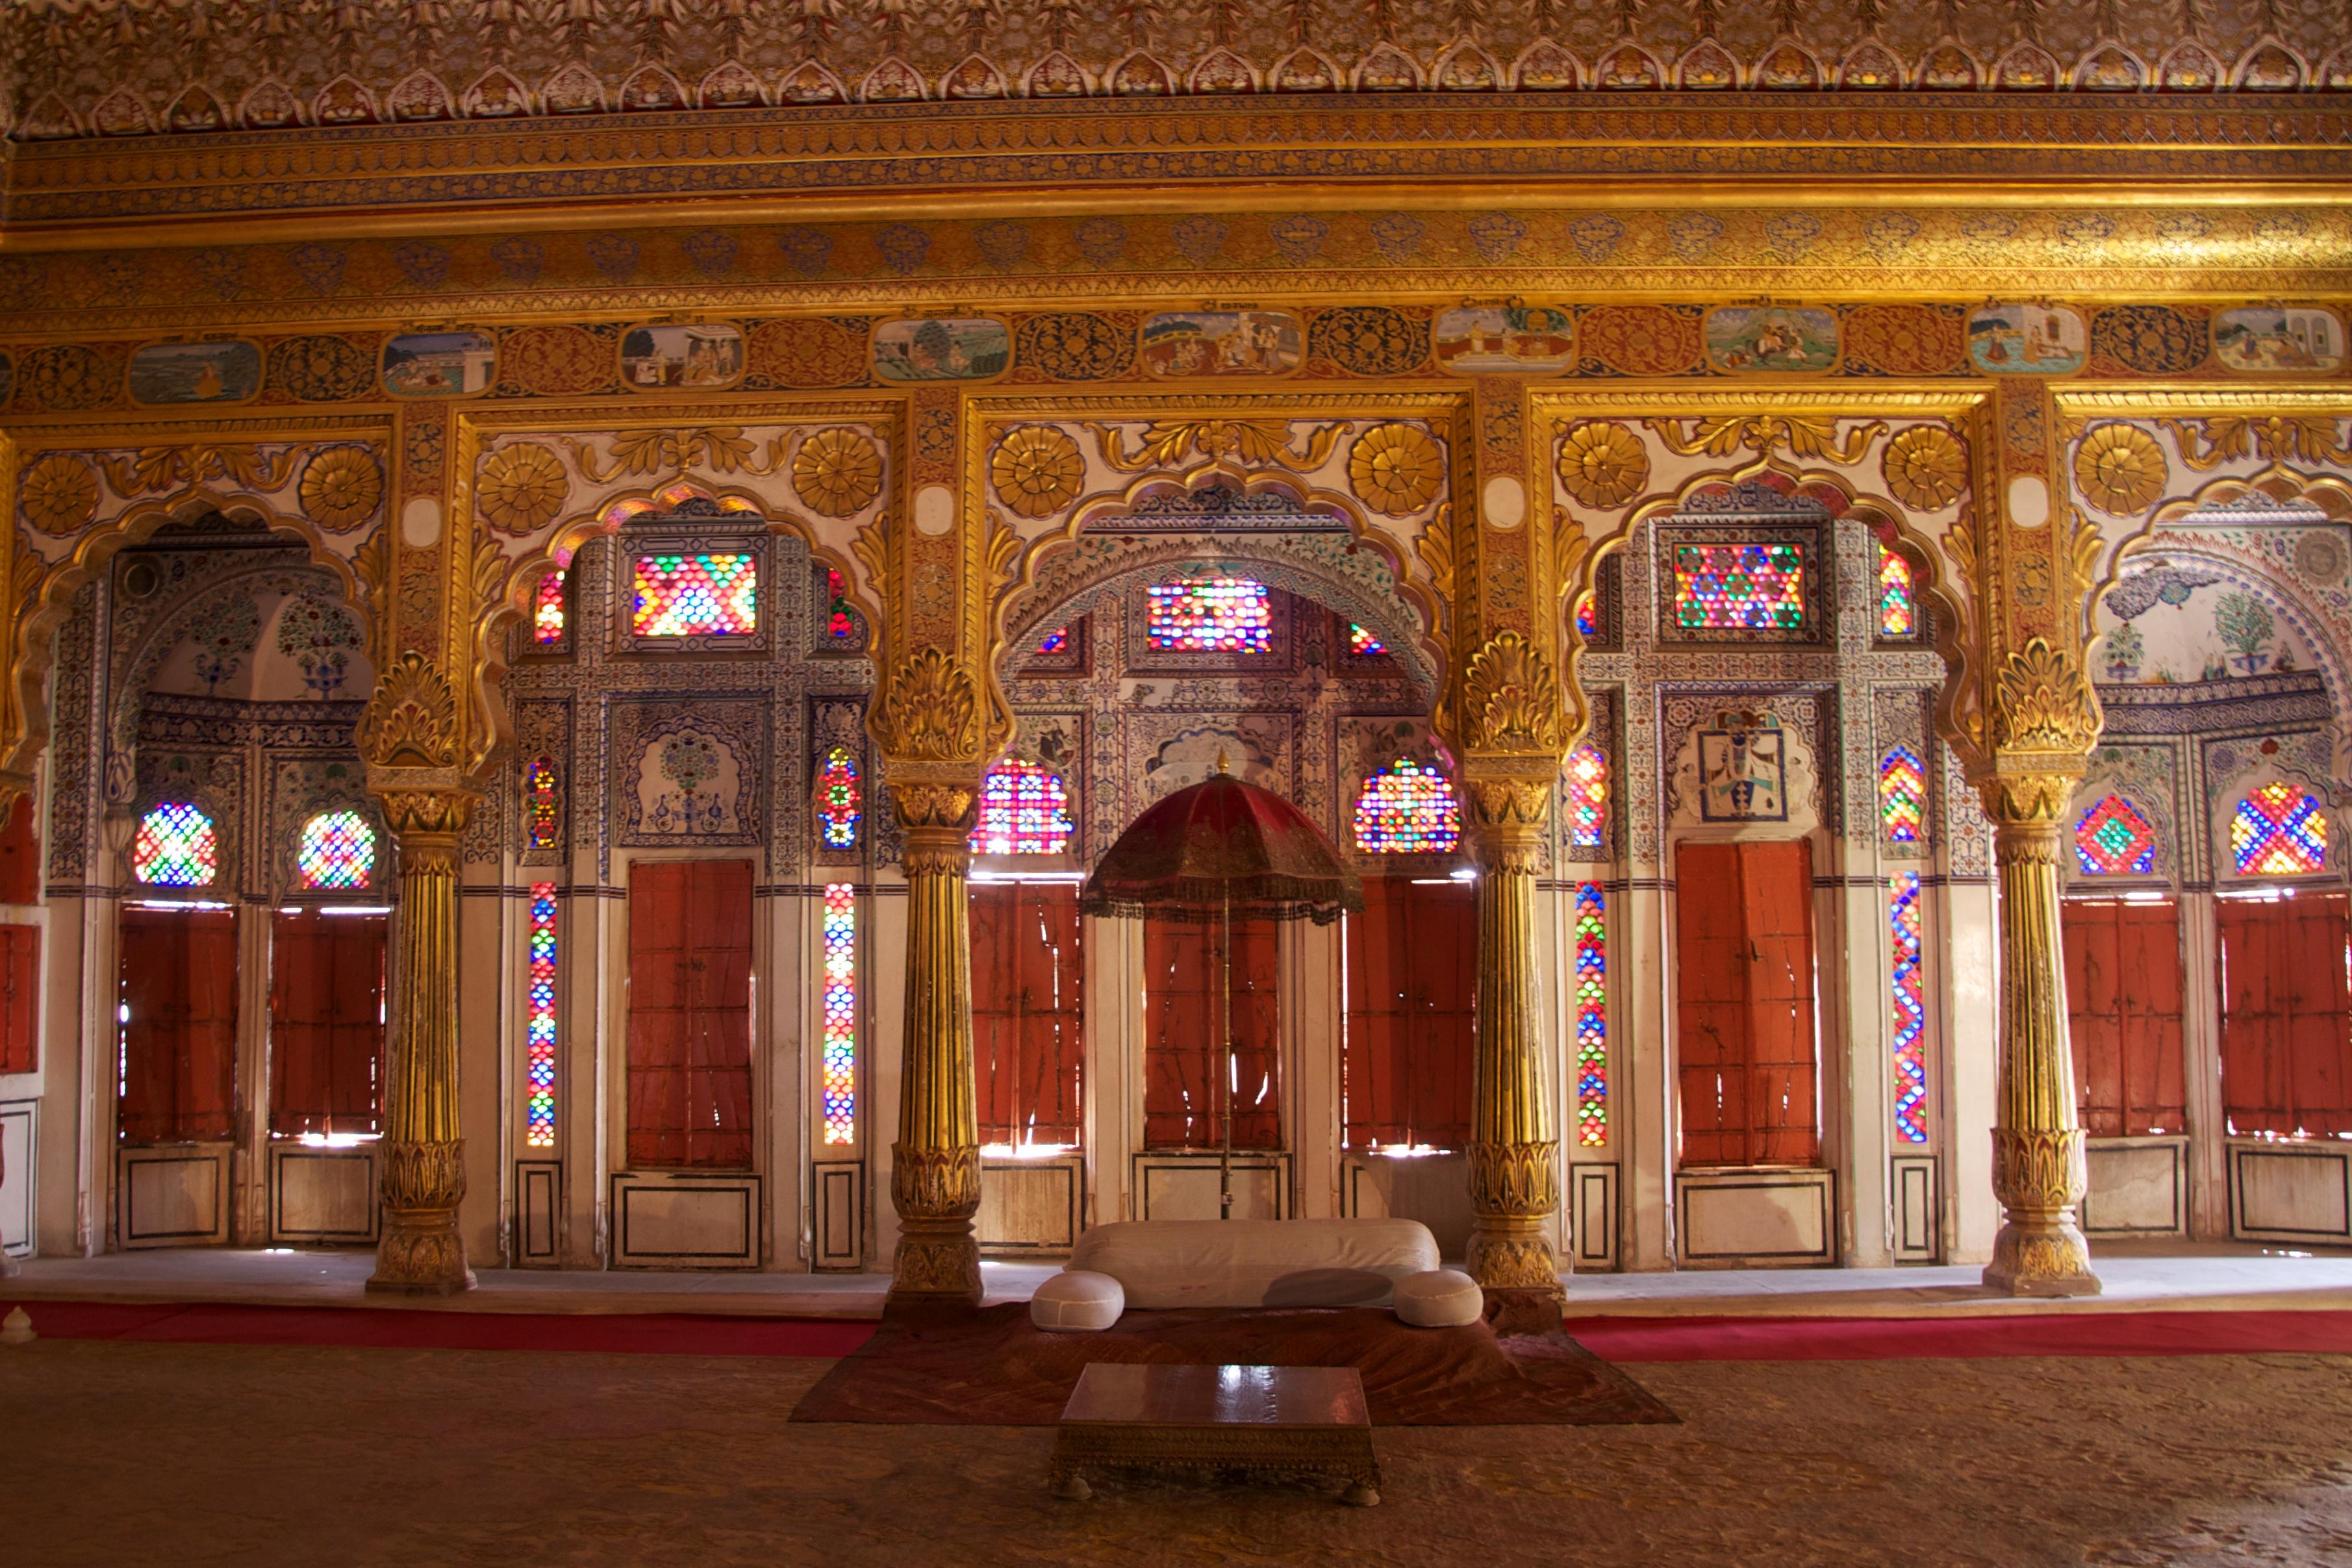 Indian Restaurant Interior Images